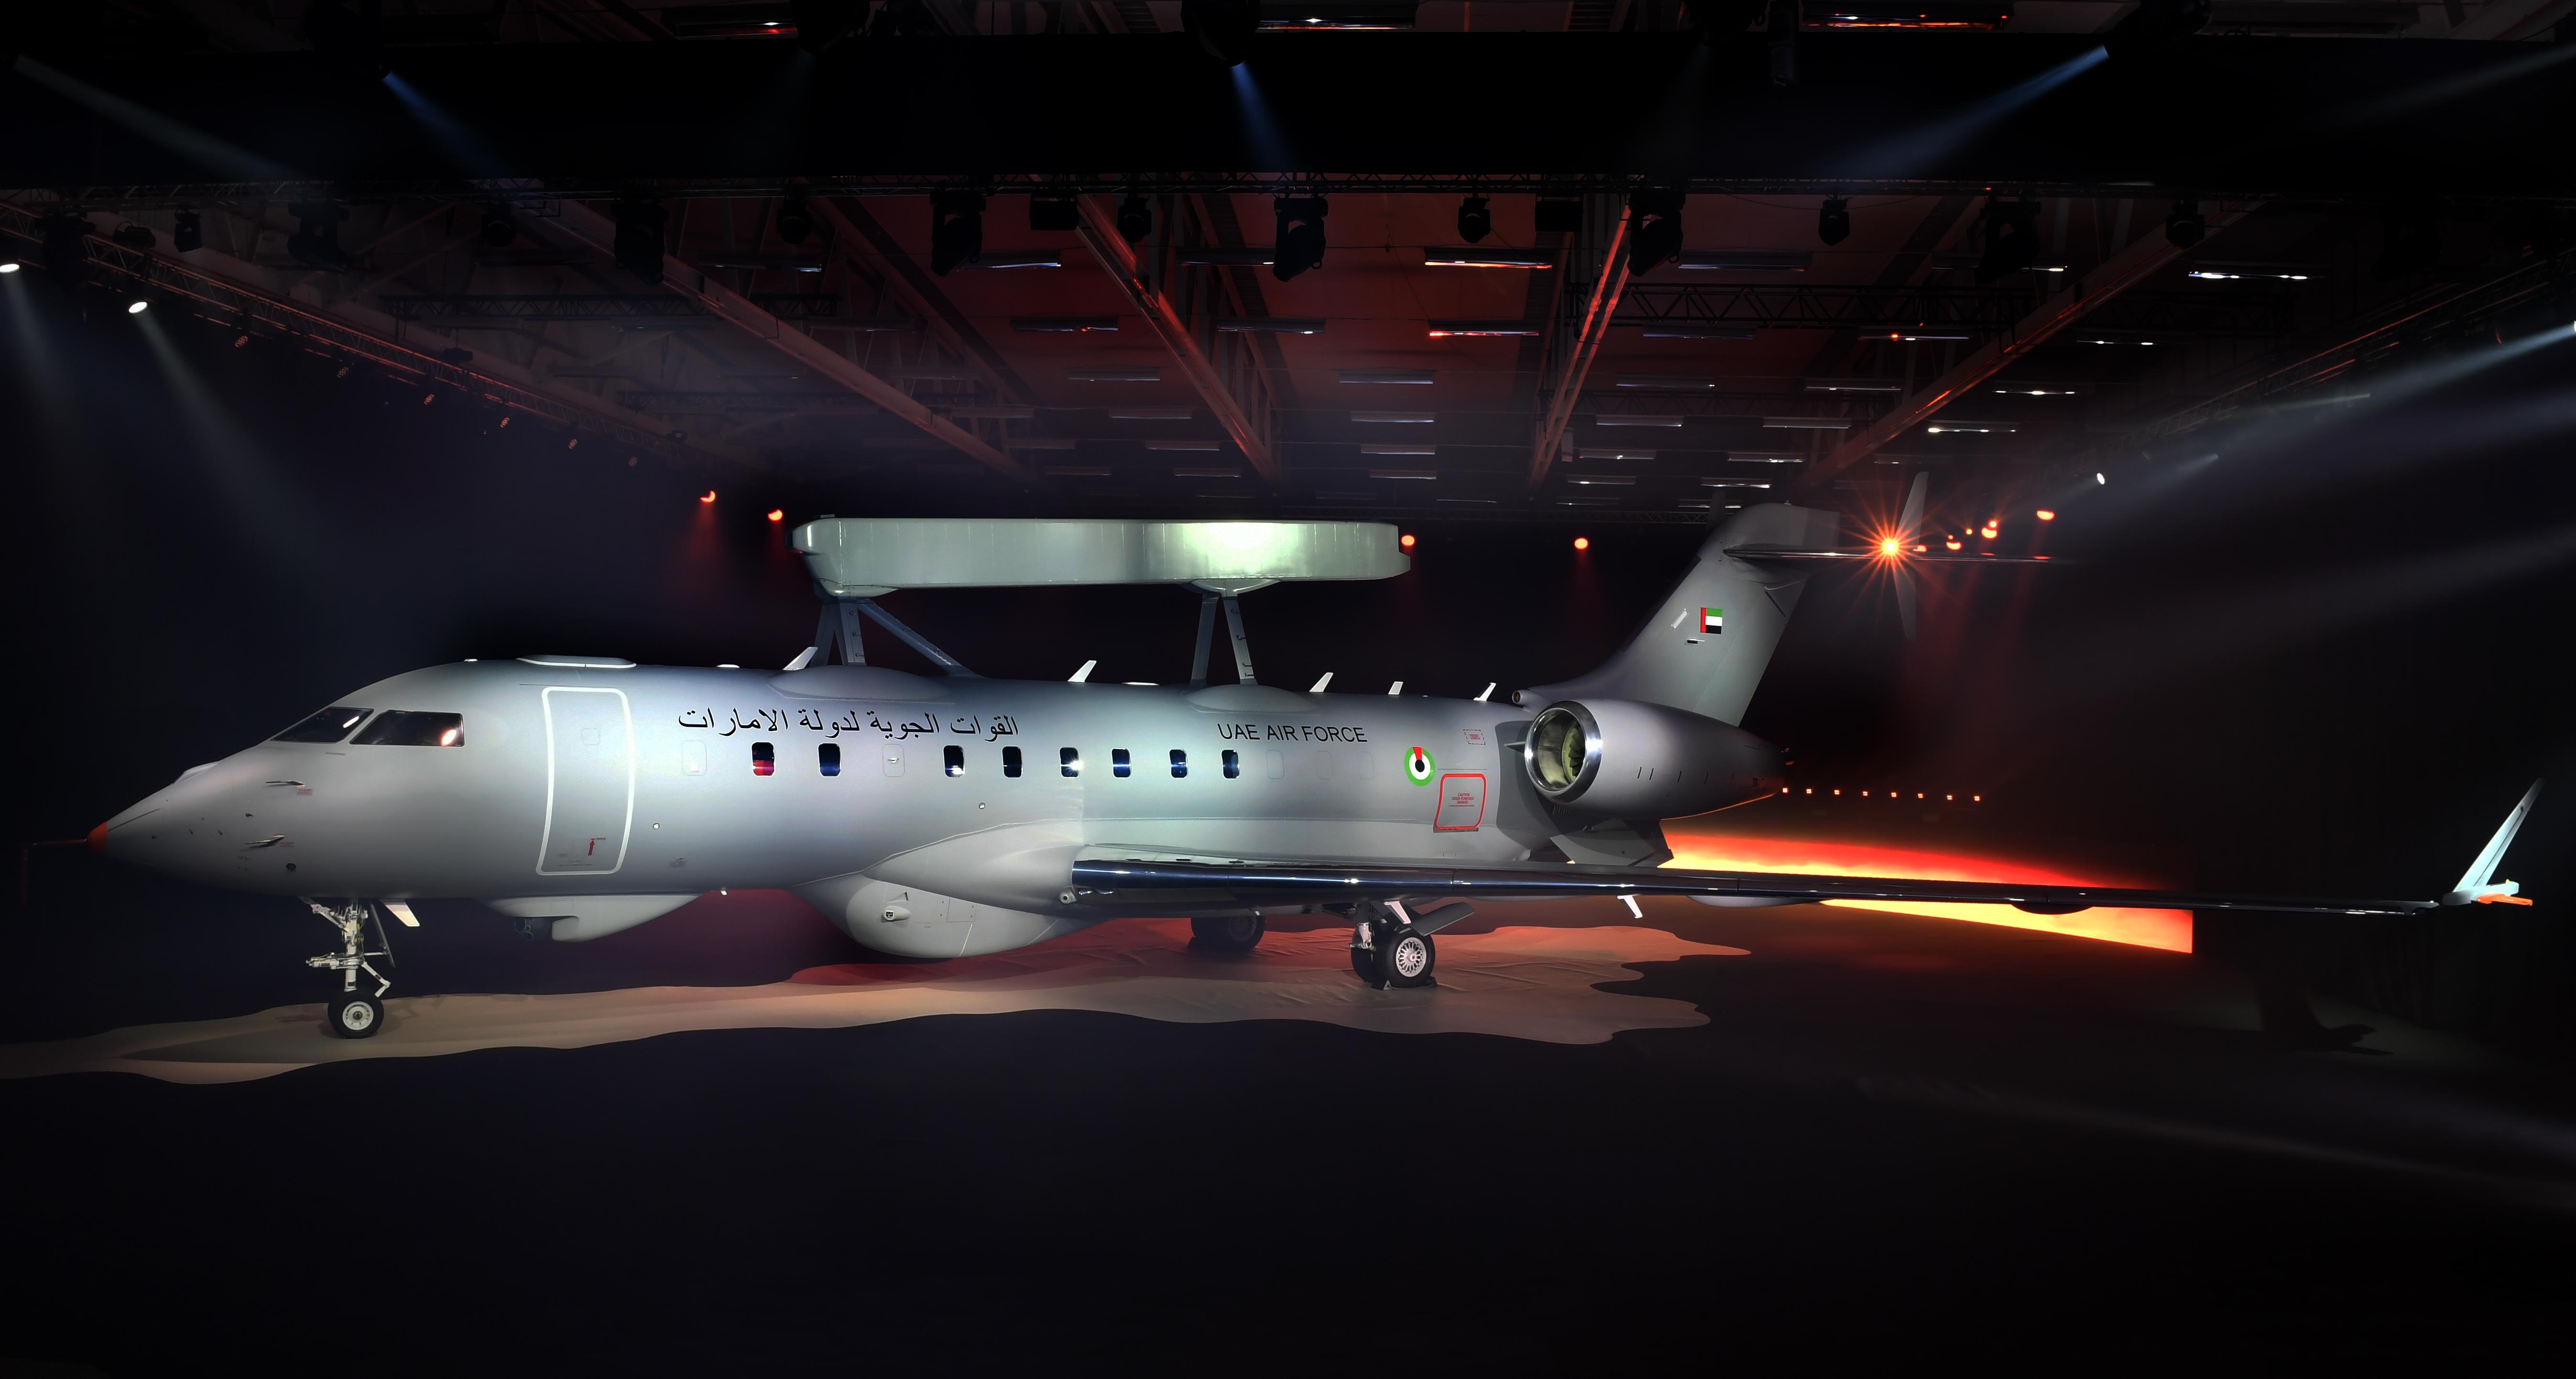 Первый построенный для ВВС ОАЭ самолет дальнего радиолокационного обнаружения и управления GlobalEye, выполненный на основе административного самолета Bombardier Global 6000 и оснащенный радиолокационным комплексом Saab Erieye ER. Линчёпинг (Швеция), 23.02.2018.